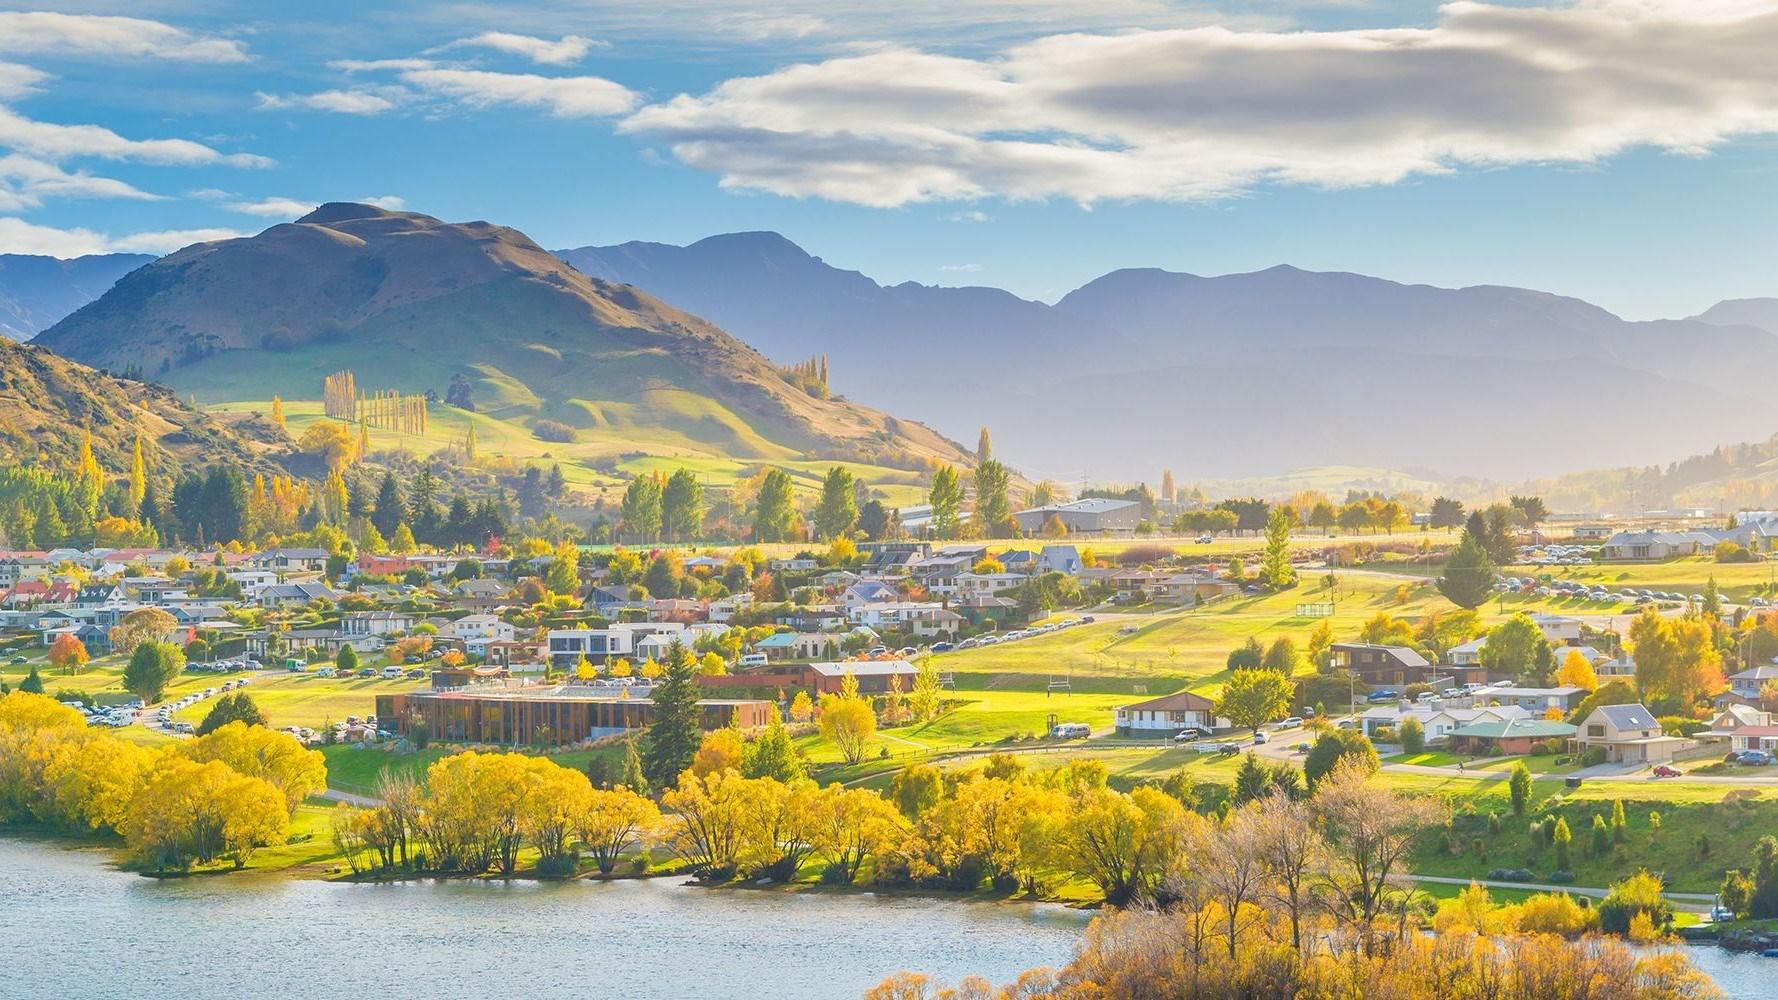 Hình đại điện của danh mục Christchurch